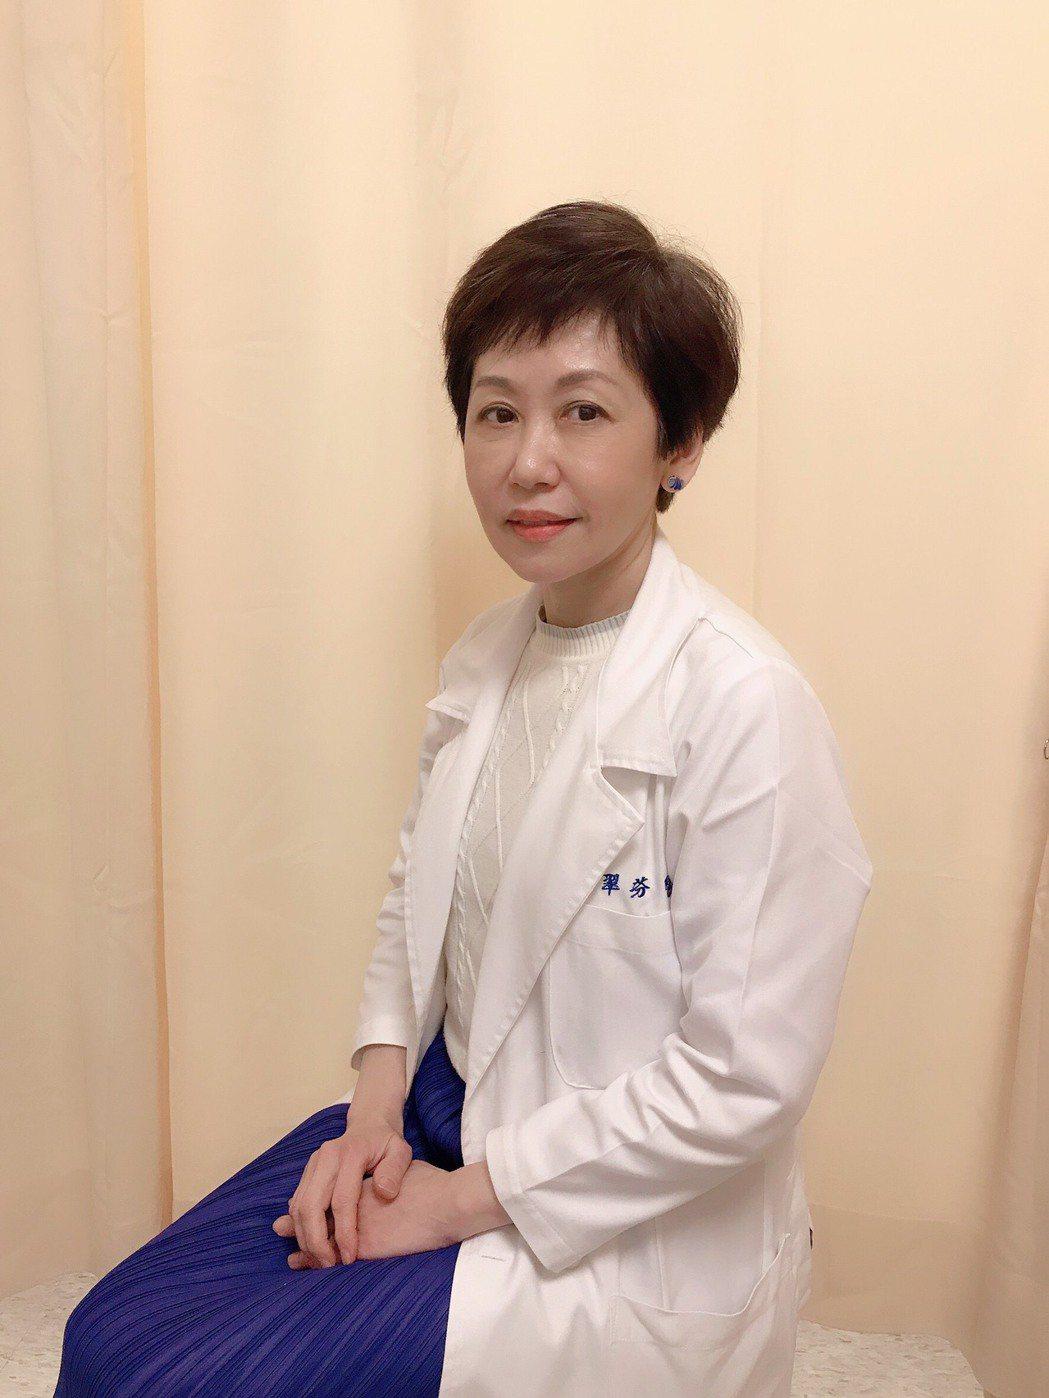 新光醫院一般外科主任、乳房中心主任鄭翠芬醫師說,「CDK46口服新藥的出現,打破...